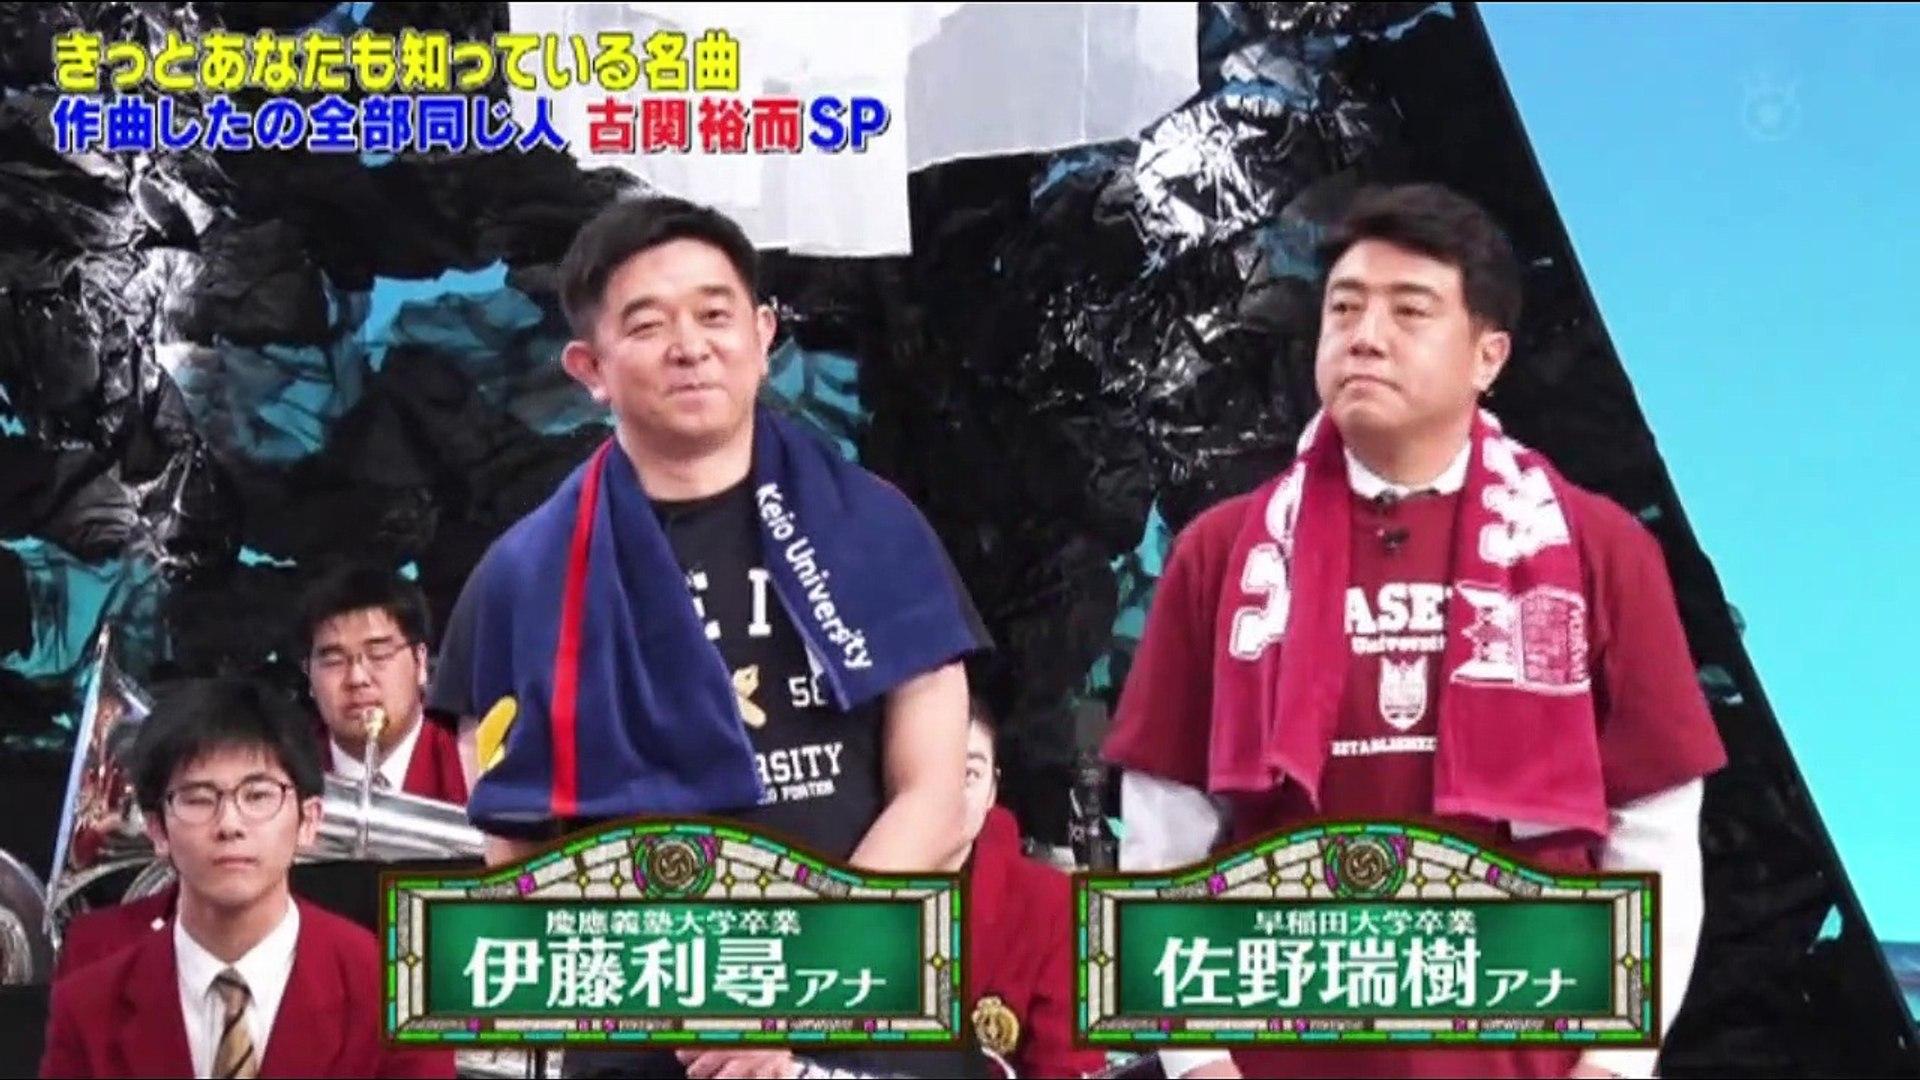 古関 裕 而 早稲田 大学 応援 歌